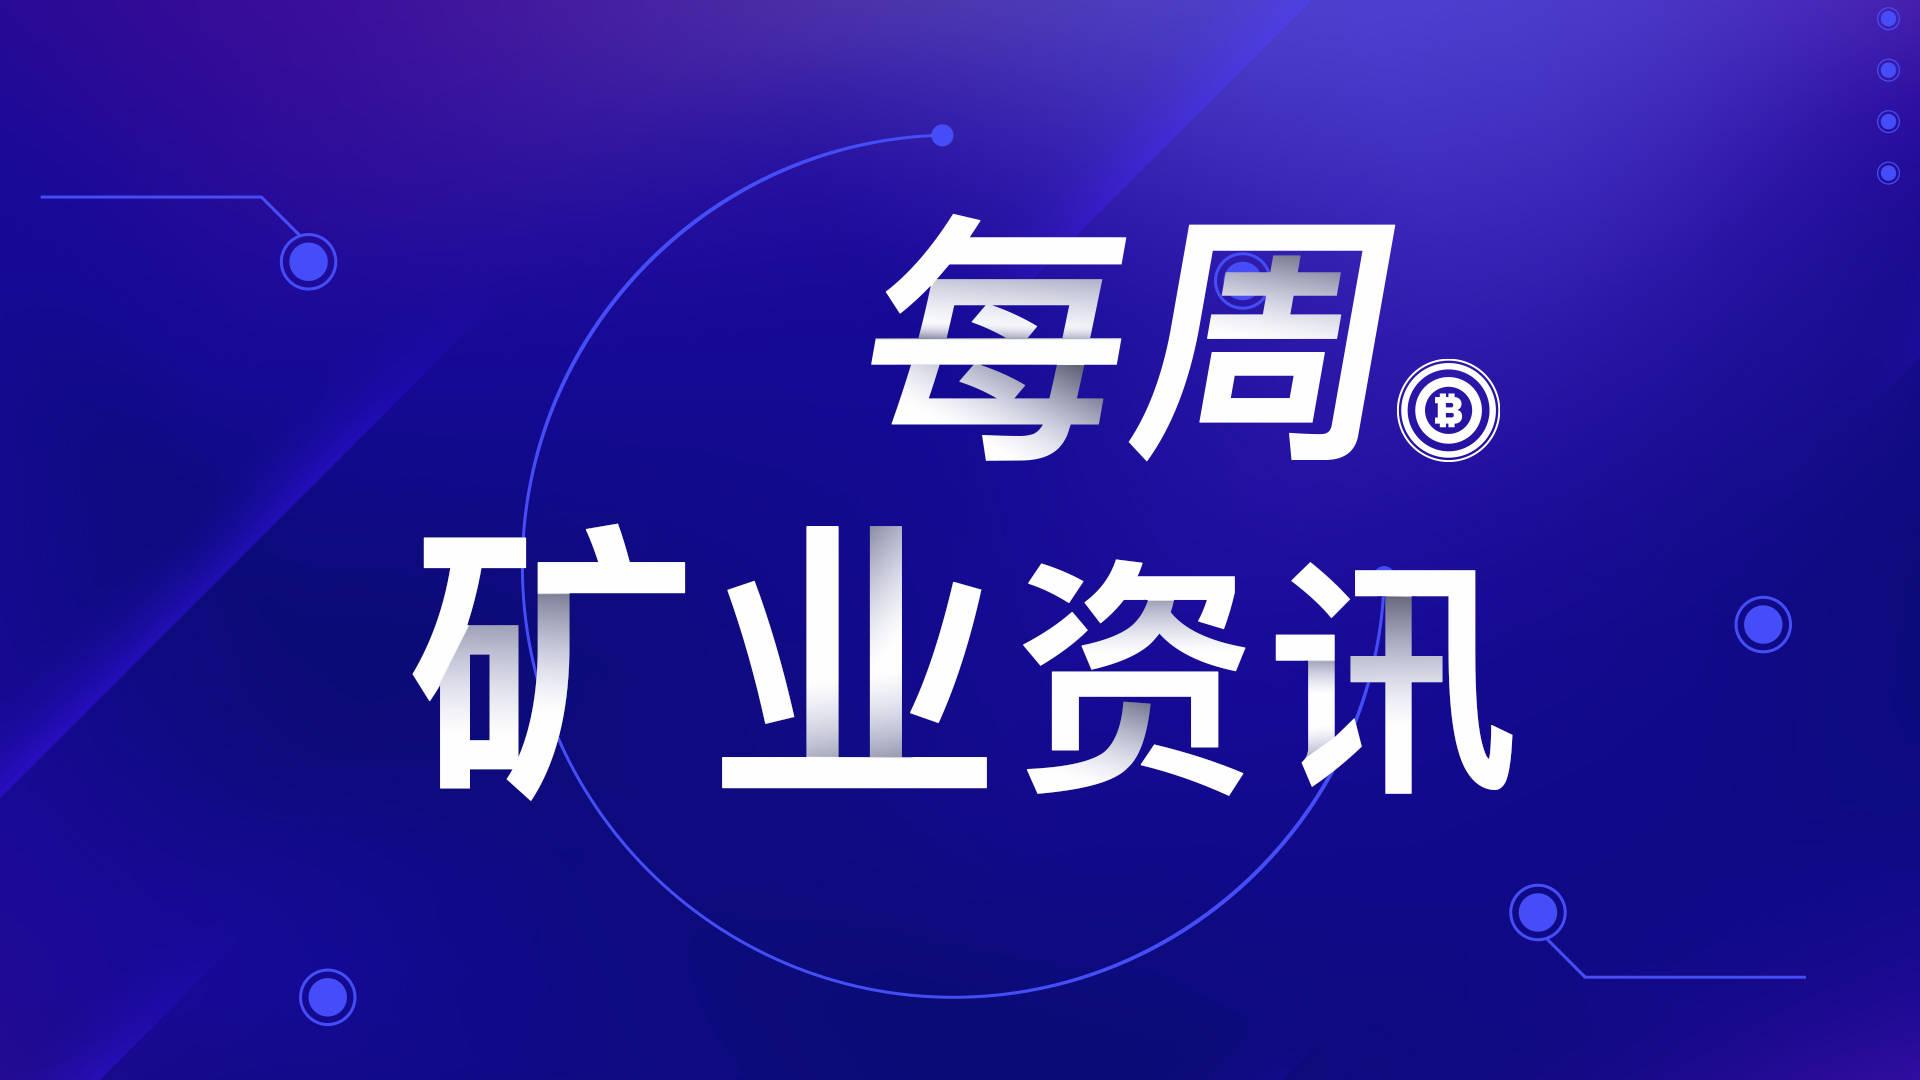 吴说每周矿业资讯:甘肃检查挖矿 进入常态化监管 0906-0912